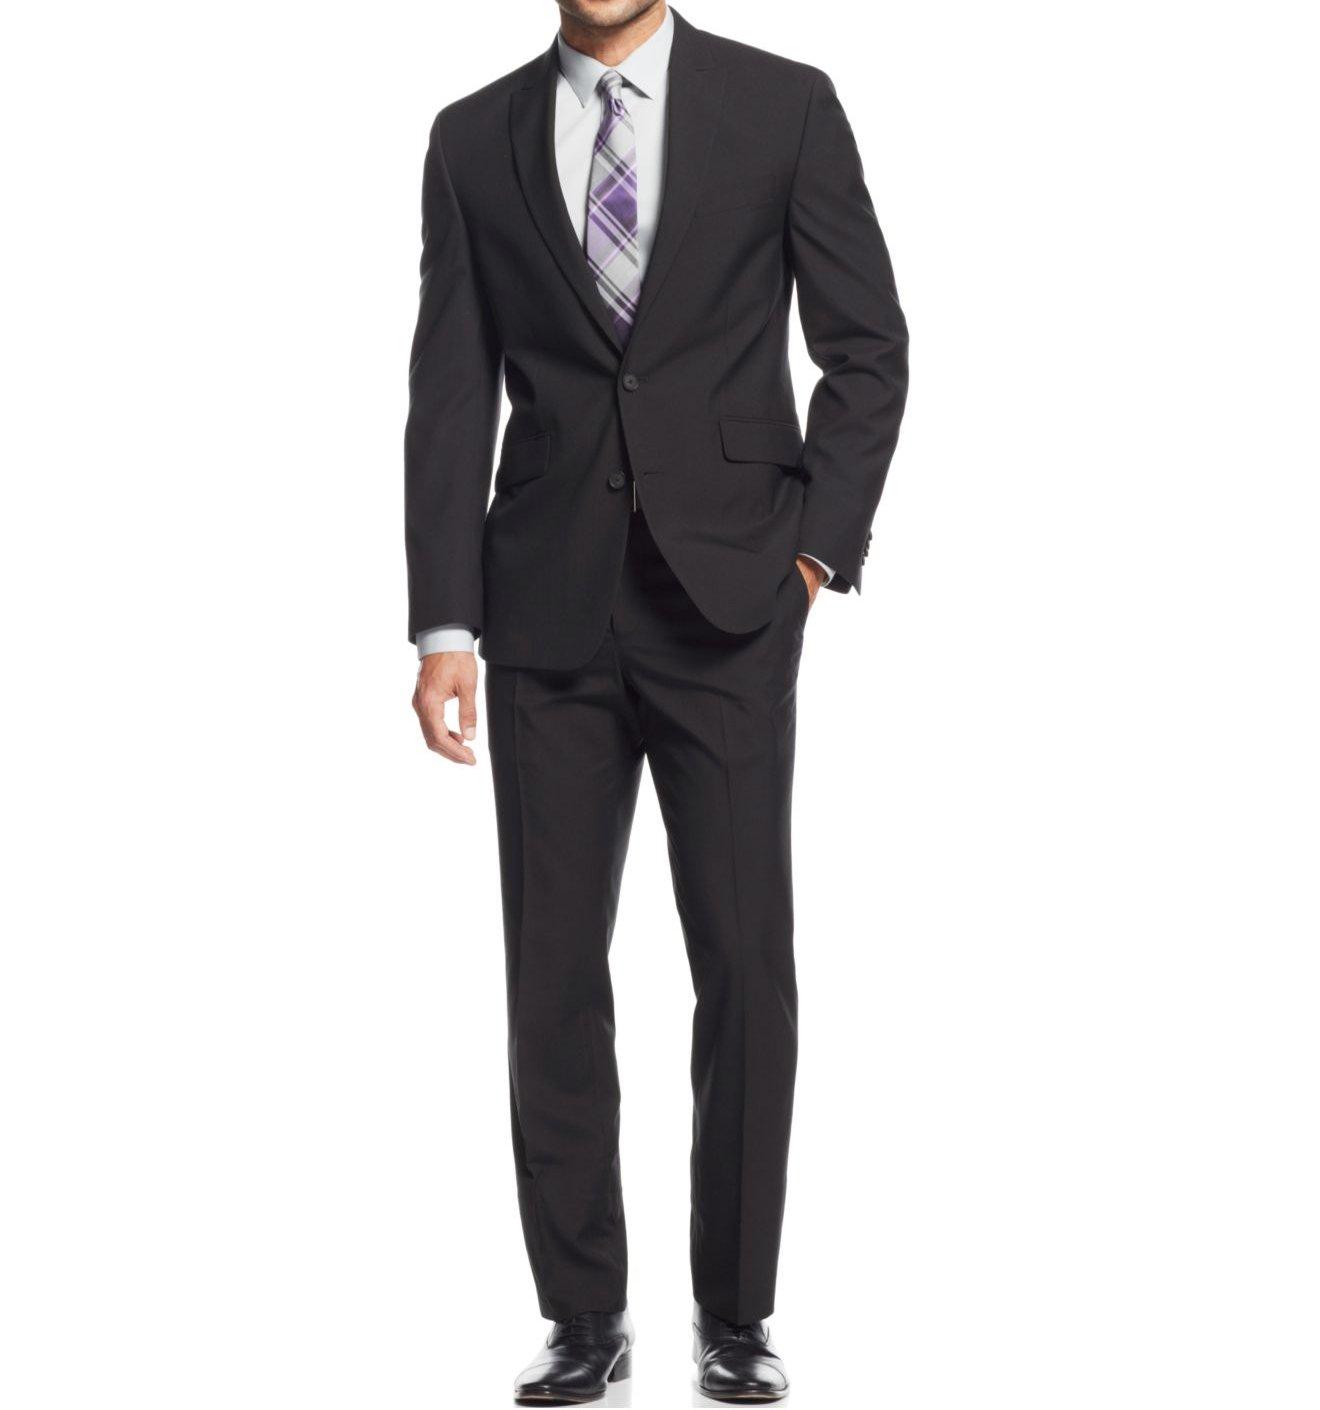 Braveman Men's Classic Fit 2-Piece Suits, Black, 52R/46W